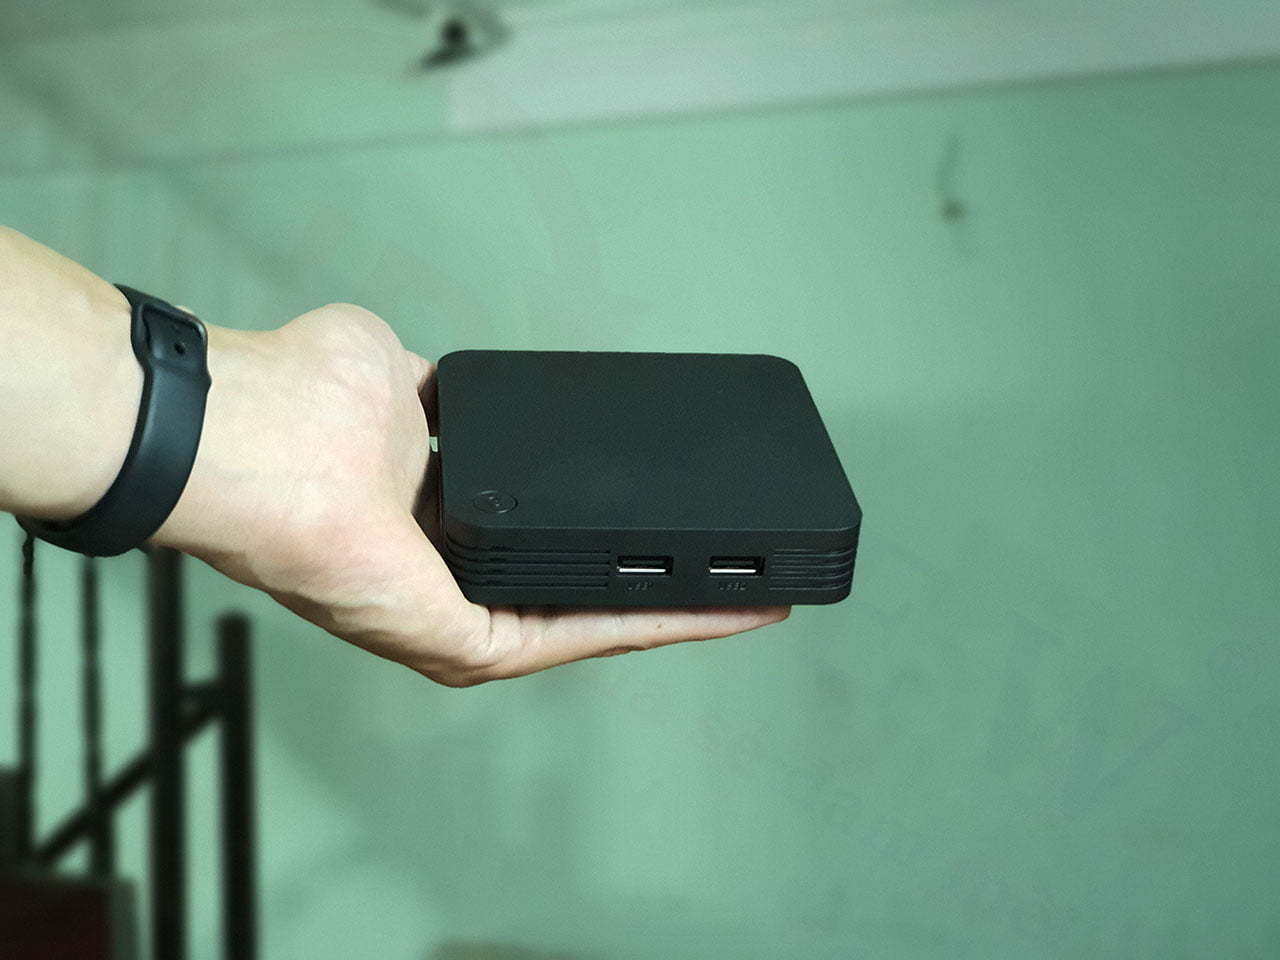 Đánh giá Dune HD SmartBox 4K | HDnew - Chia sẻ đam mê